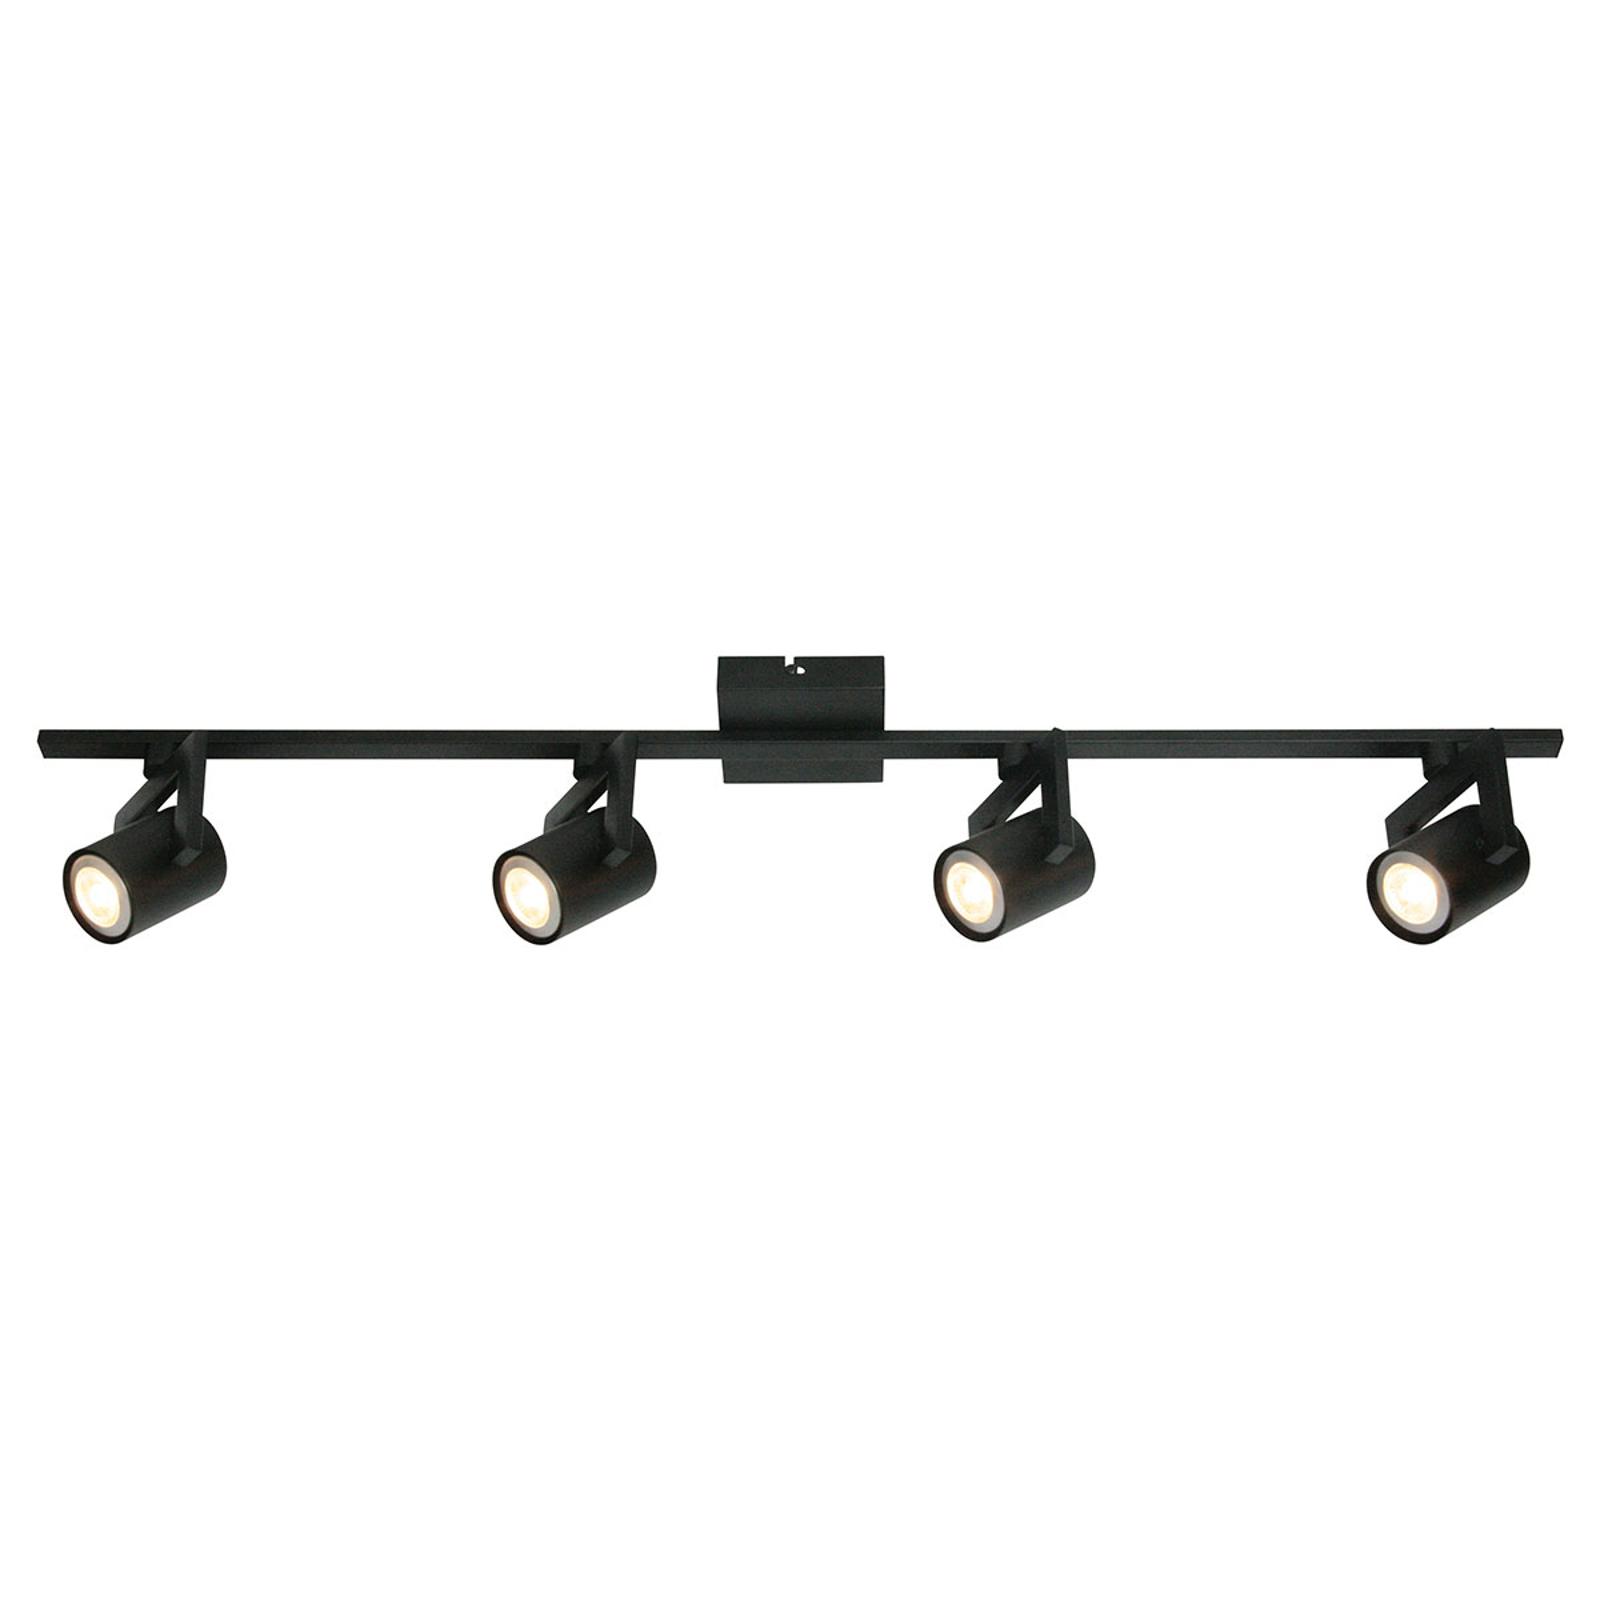 Lampa sufitowa ValvoLED czarna, 4-punktowa